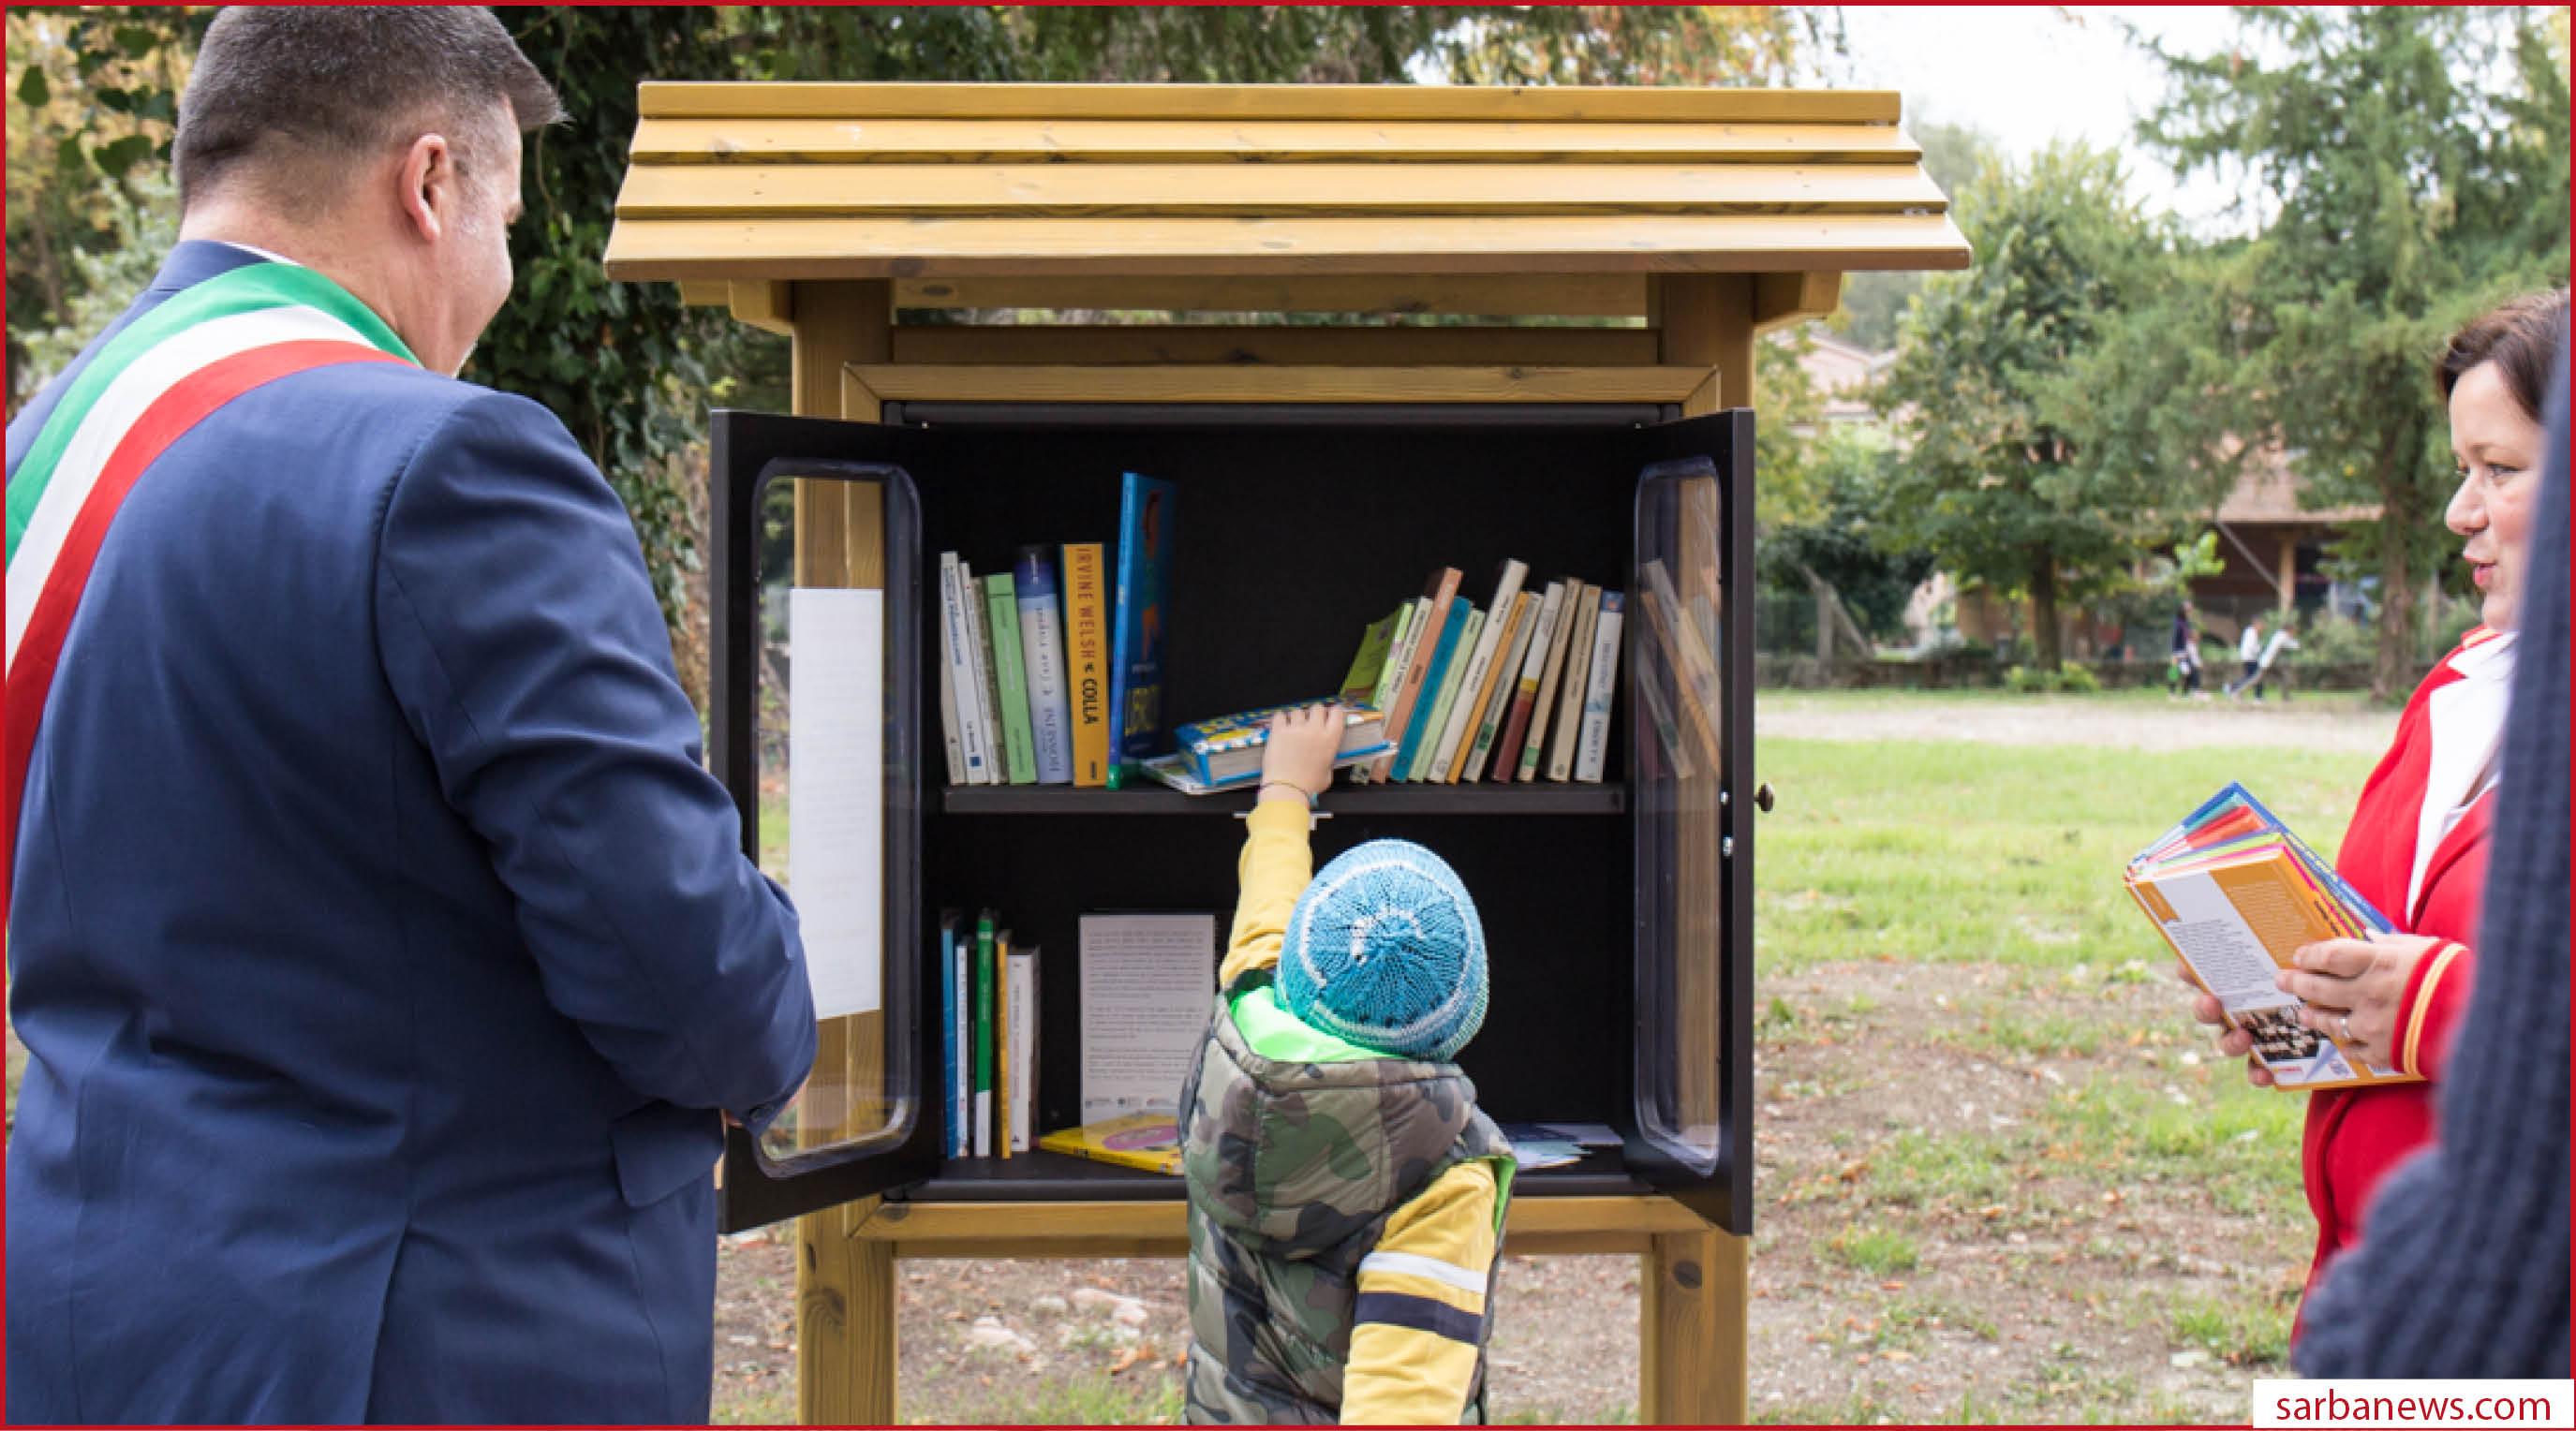 Bookcrossing al centro, nel bellissimo parco letterario di San Felice s/P di Modena